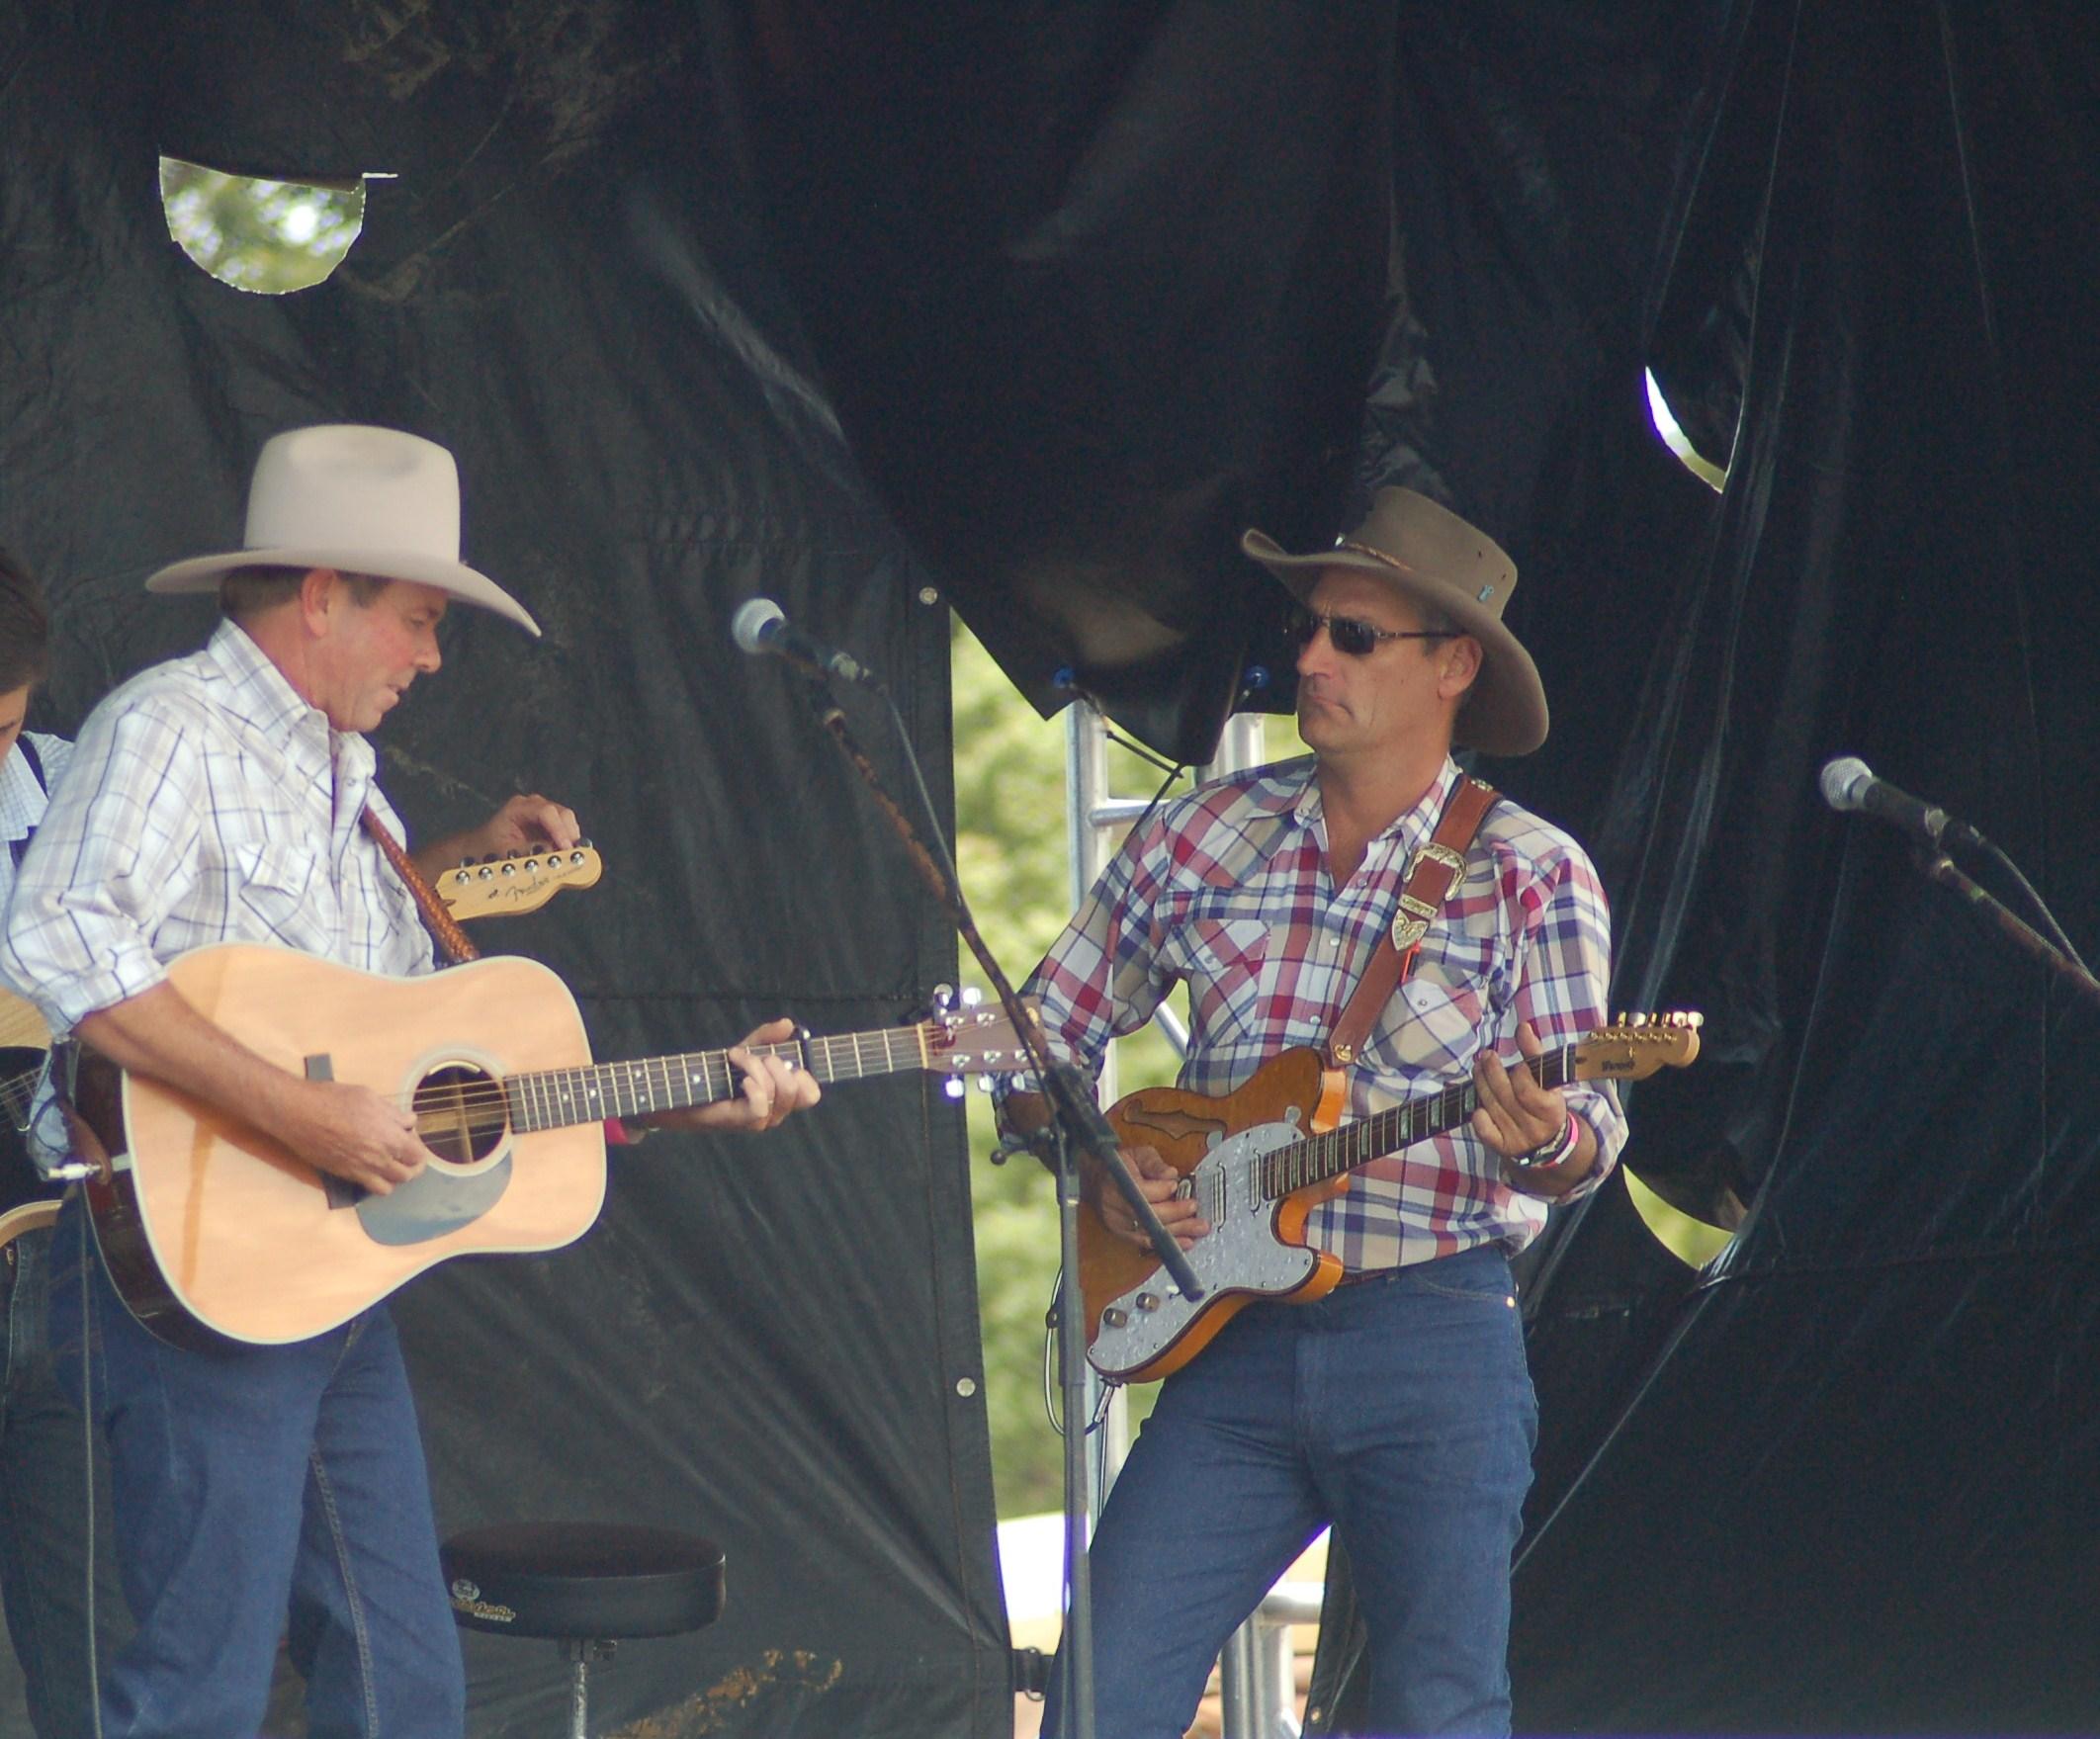 Dean Perrett and Glen Albrecht